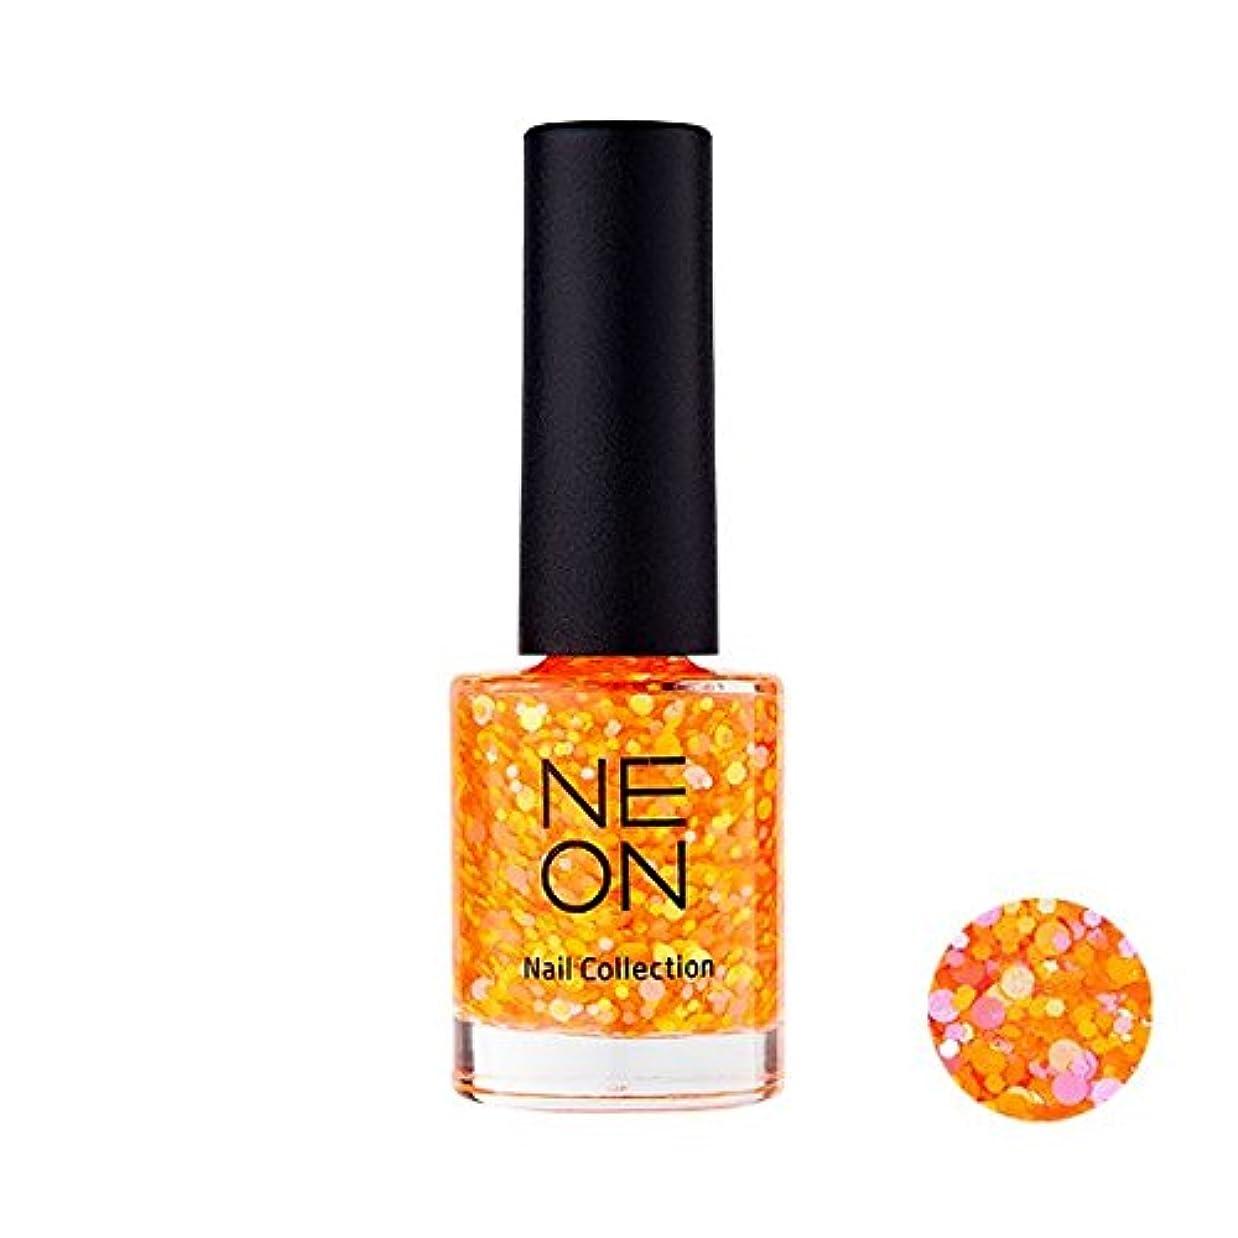 南濃度褒賞It'S SKIN Neon nail collection [03 Neon Glitter Orange] イッツスキン ネオンネイルコレクション [03 ネオン グリッター オレンジ] [並行輸入品]